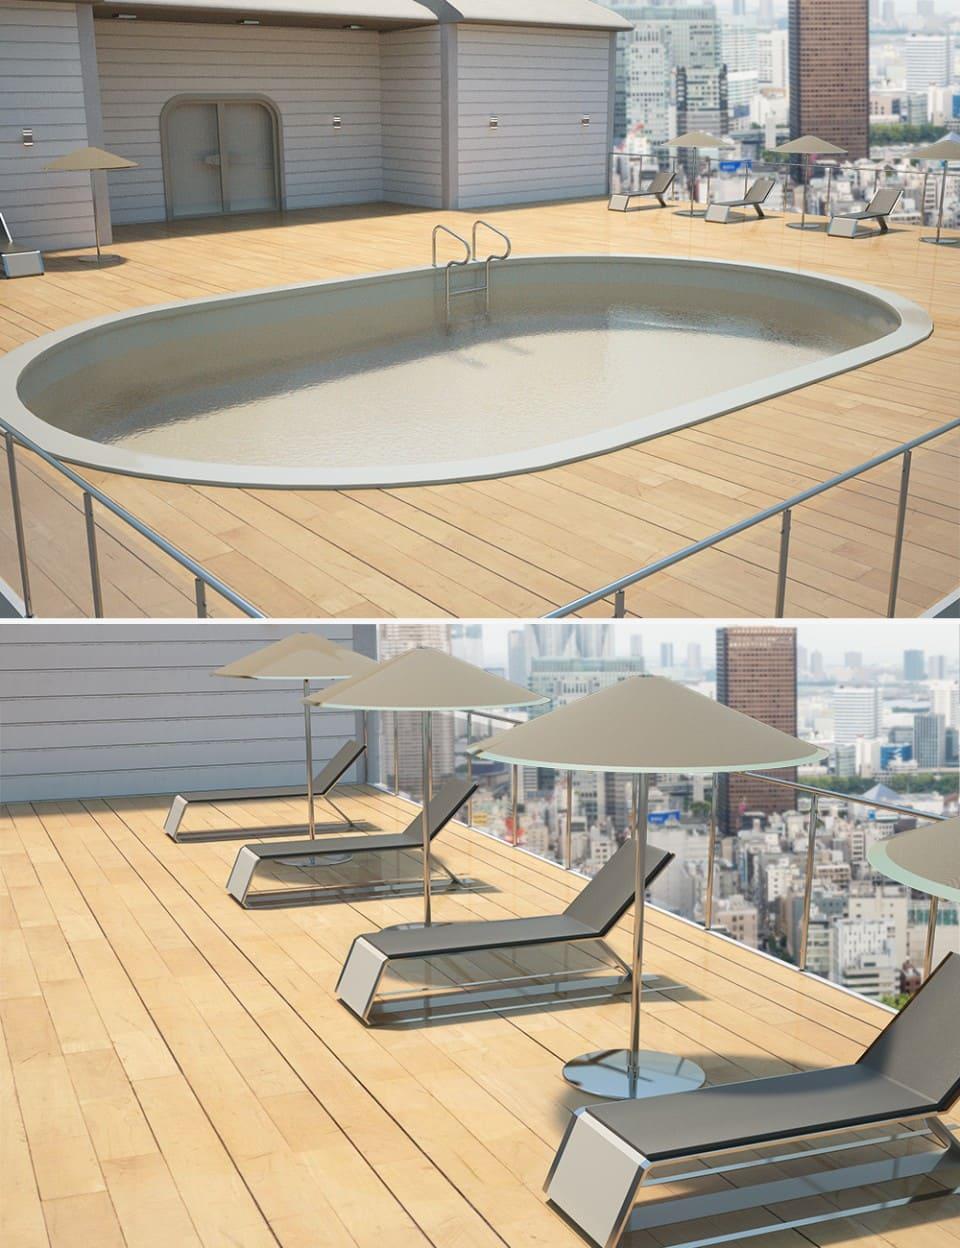 Utopia Balcony with Pool_DAZ3D下载站